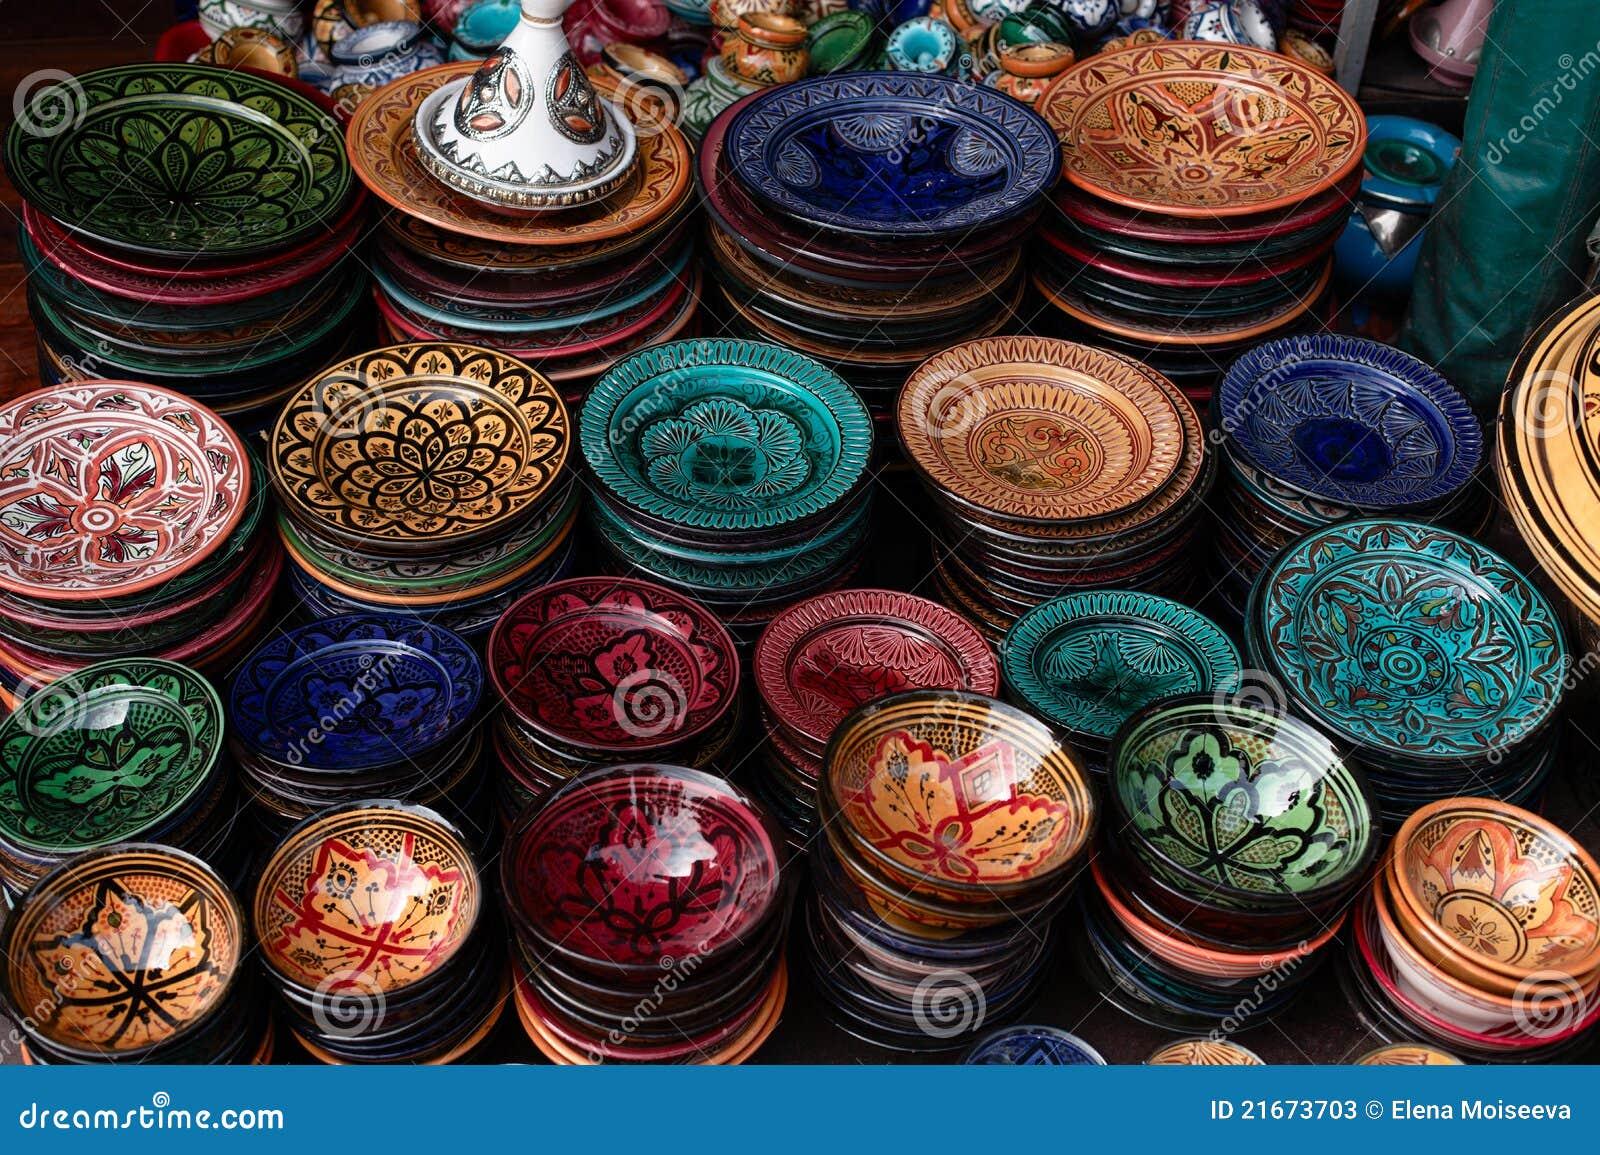 Zolle decorate e ricordi tradizionali del Marocco